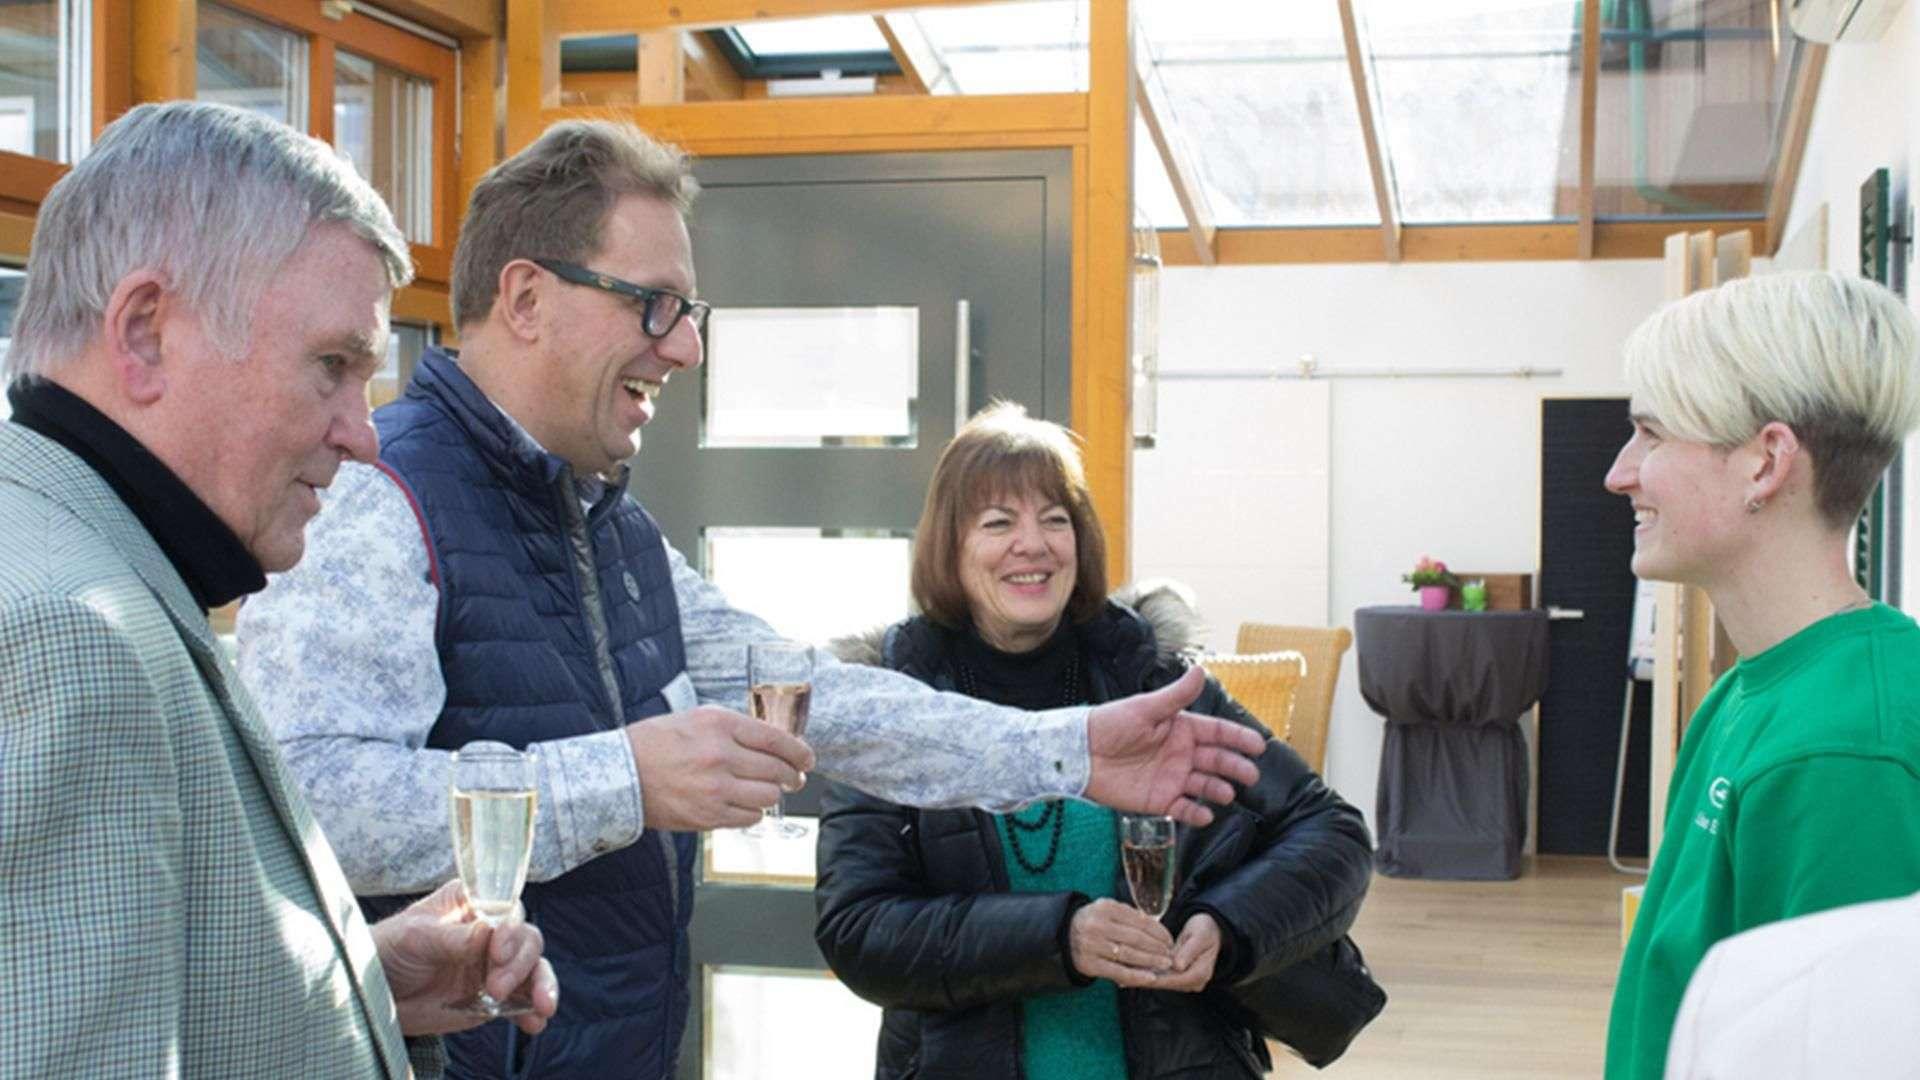 vier Personen in der Ausstellung der Tischlerei Gleue in Lindwedel